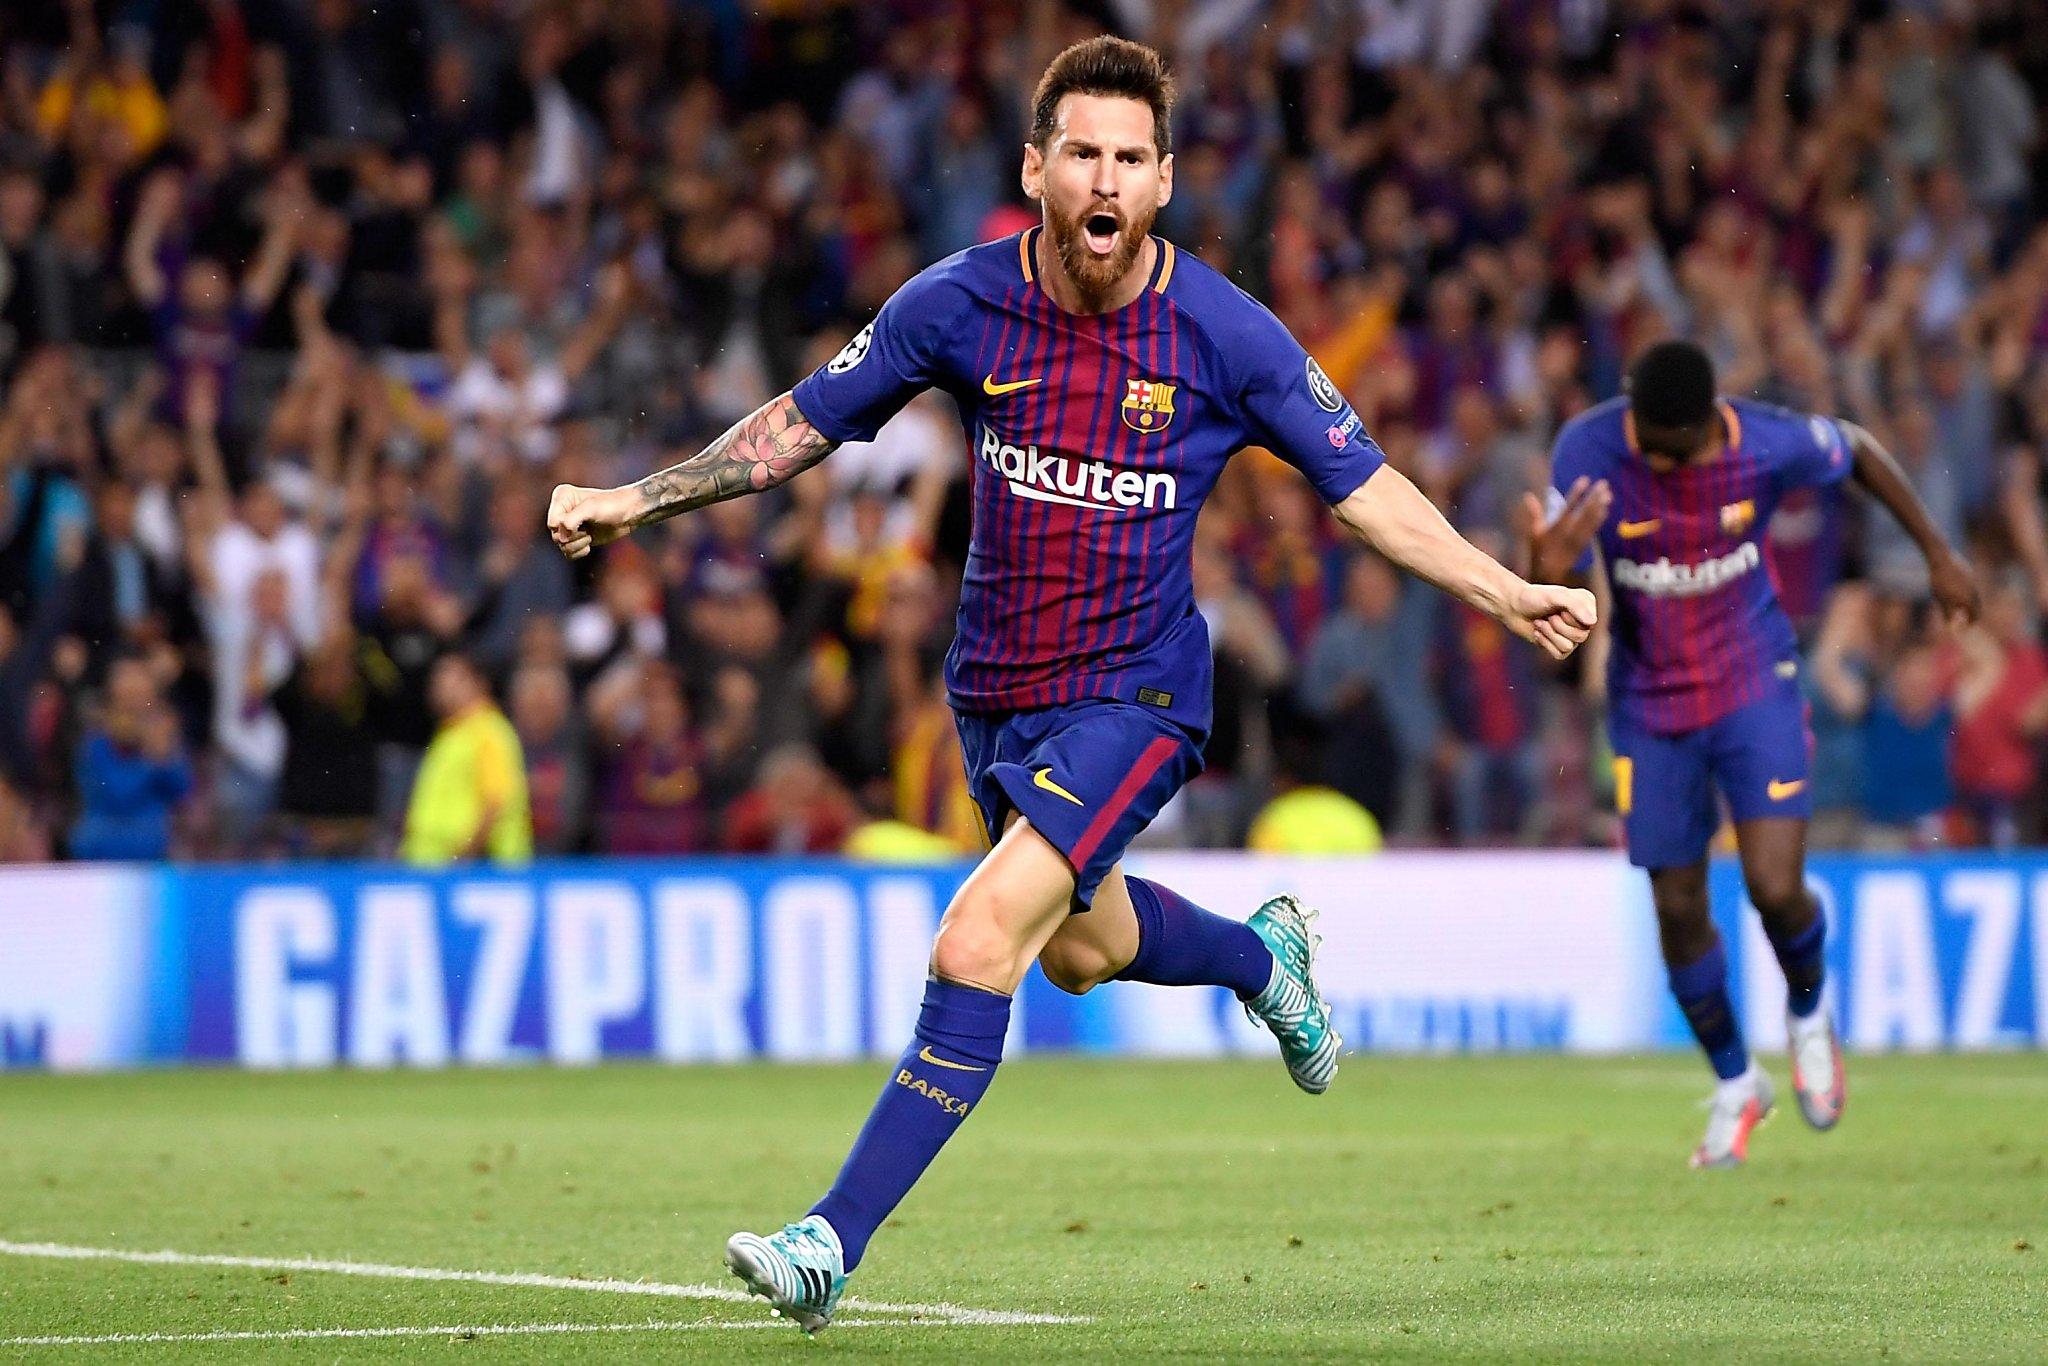 Messi, rinnovo shock: fino a 122 milioni l'anno! E il Real 4 anni fa…